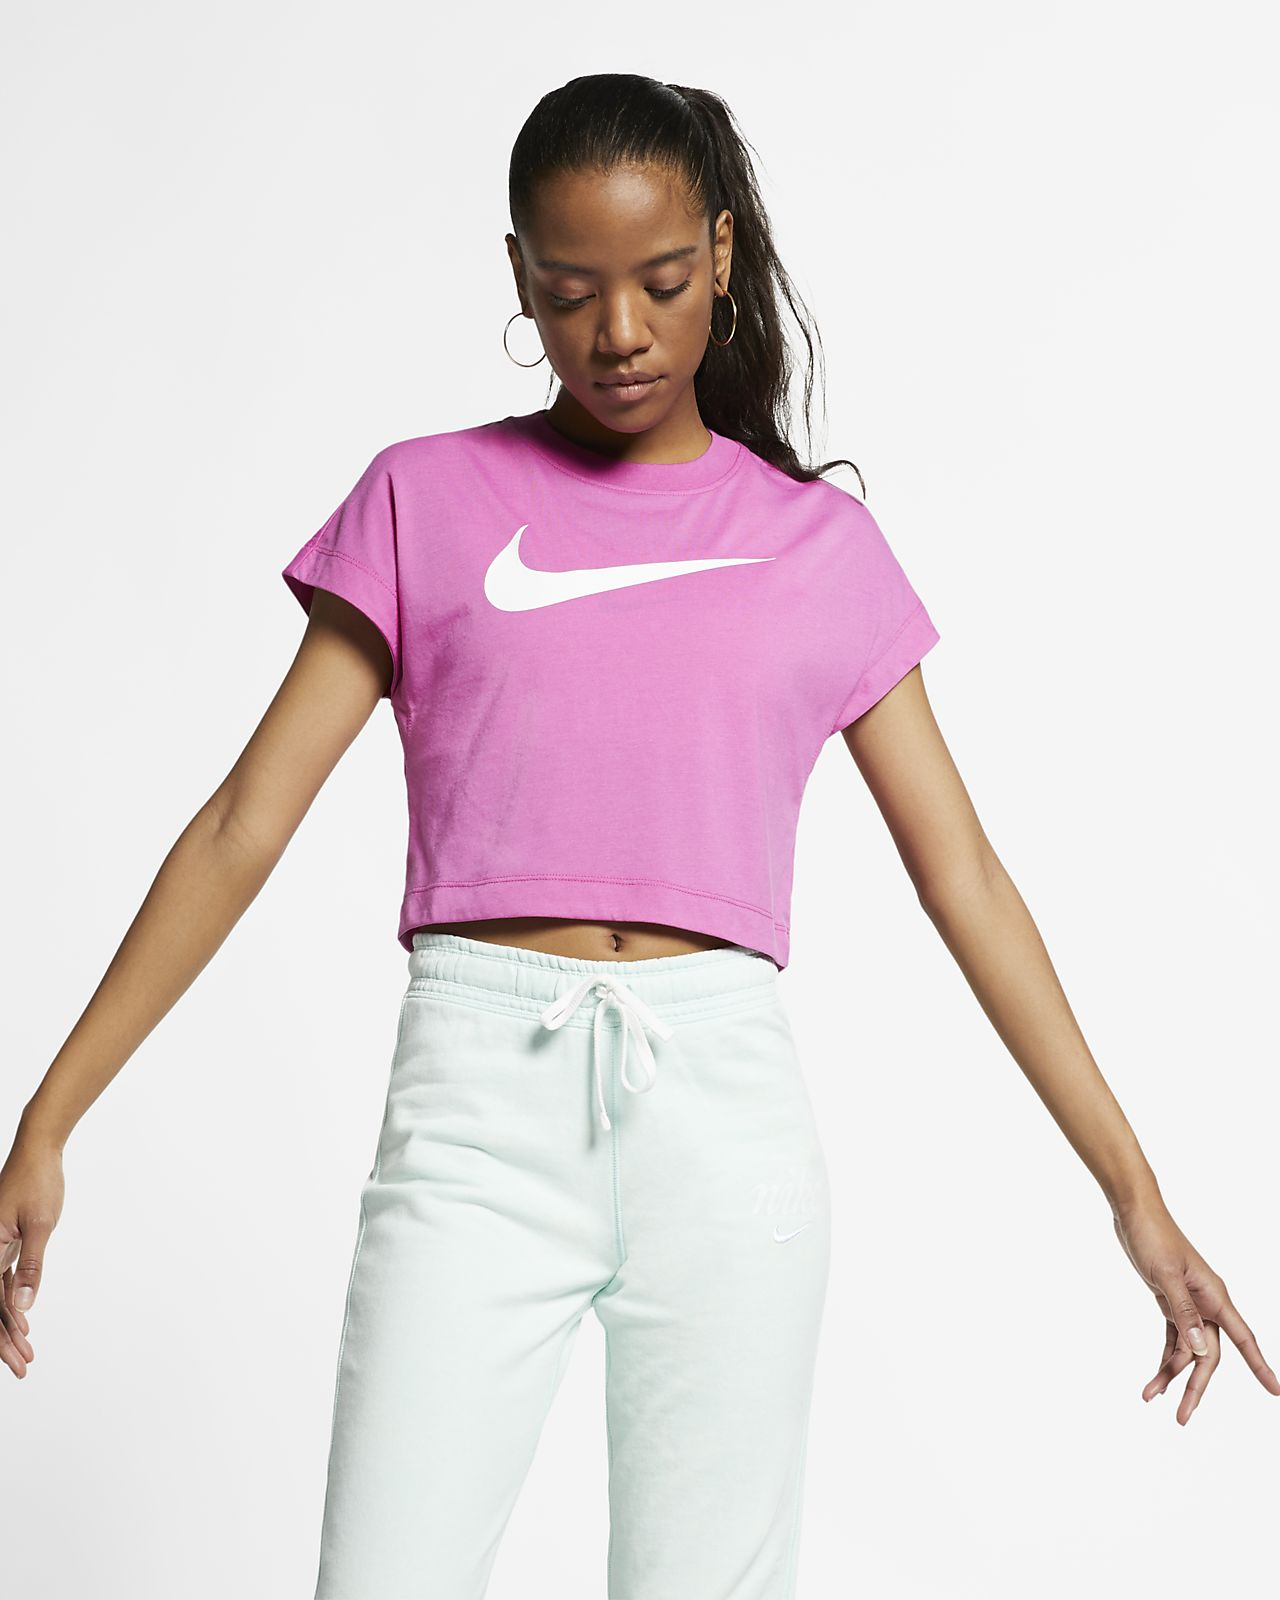 Nike Sportswear Women's Swoosh Short-Sleeve Crop Top